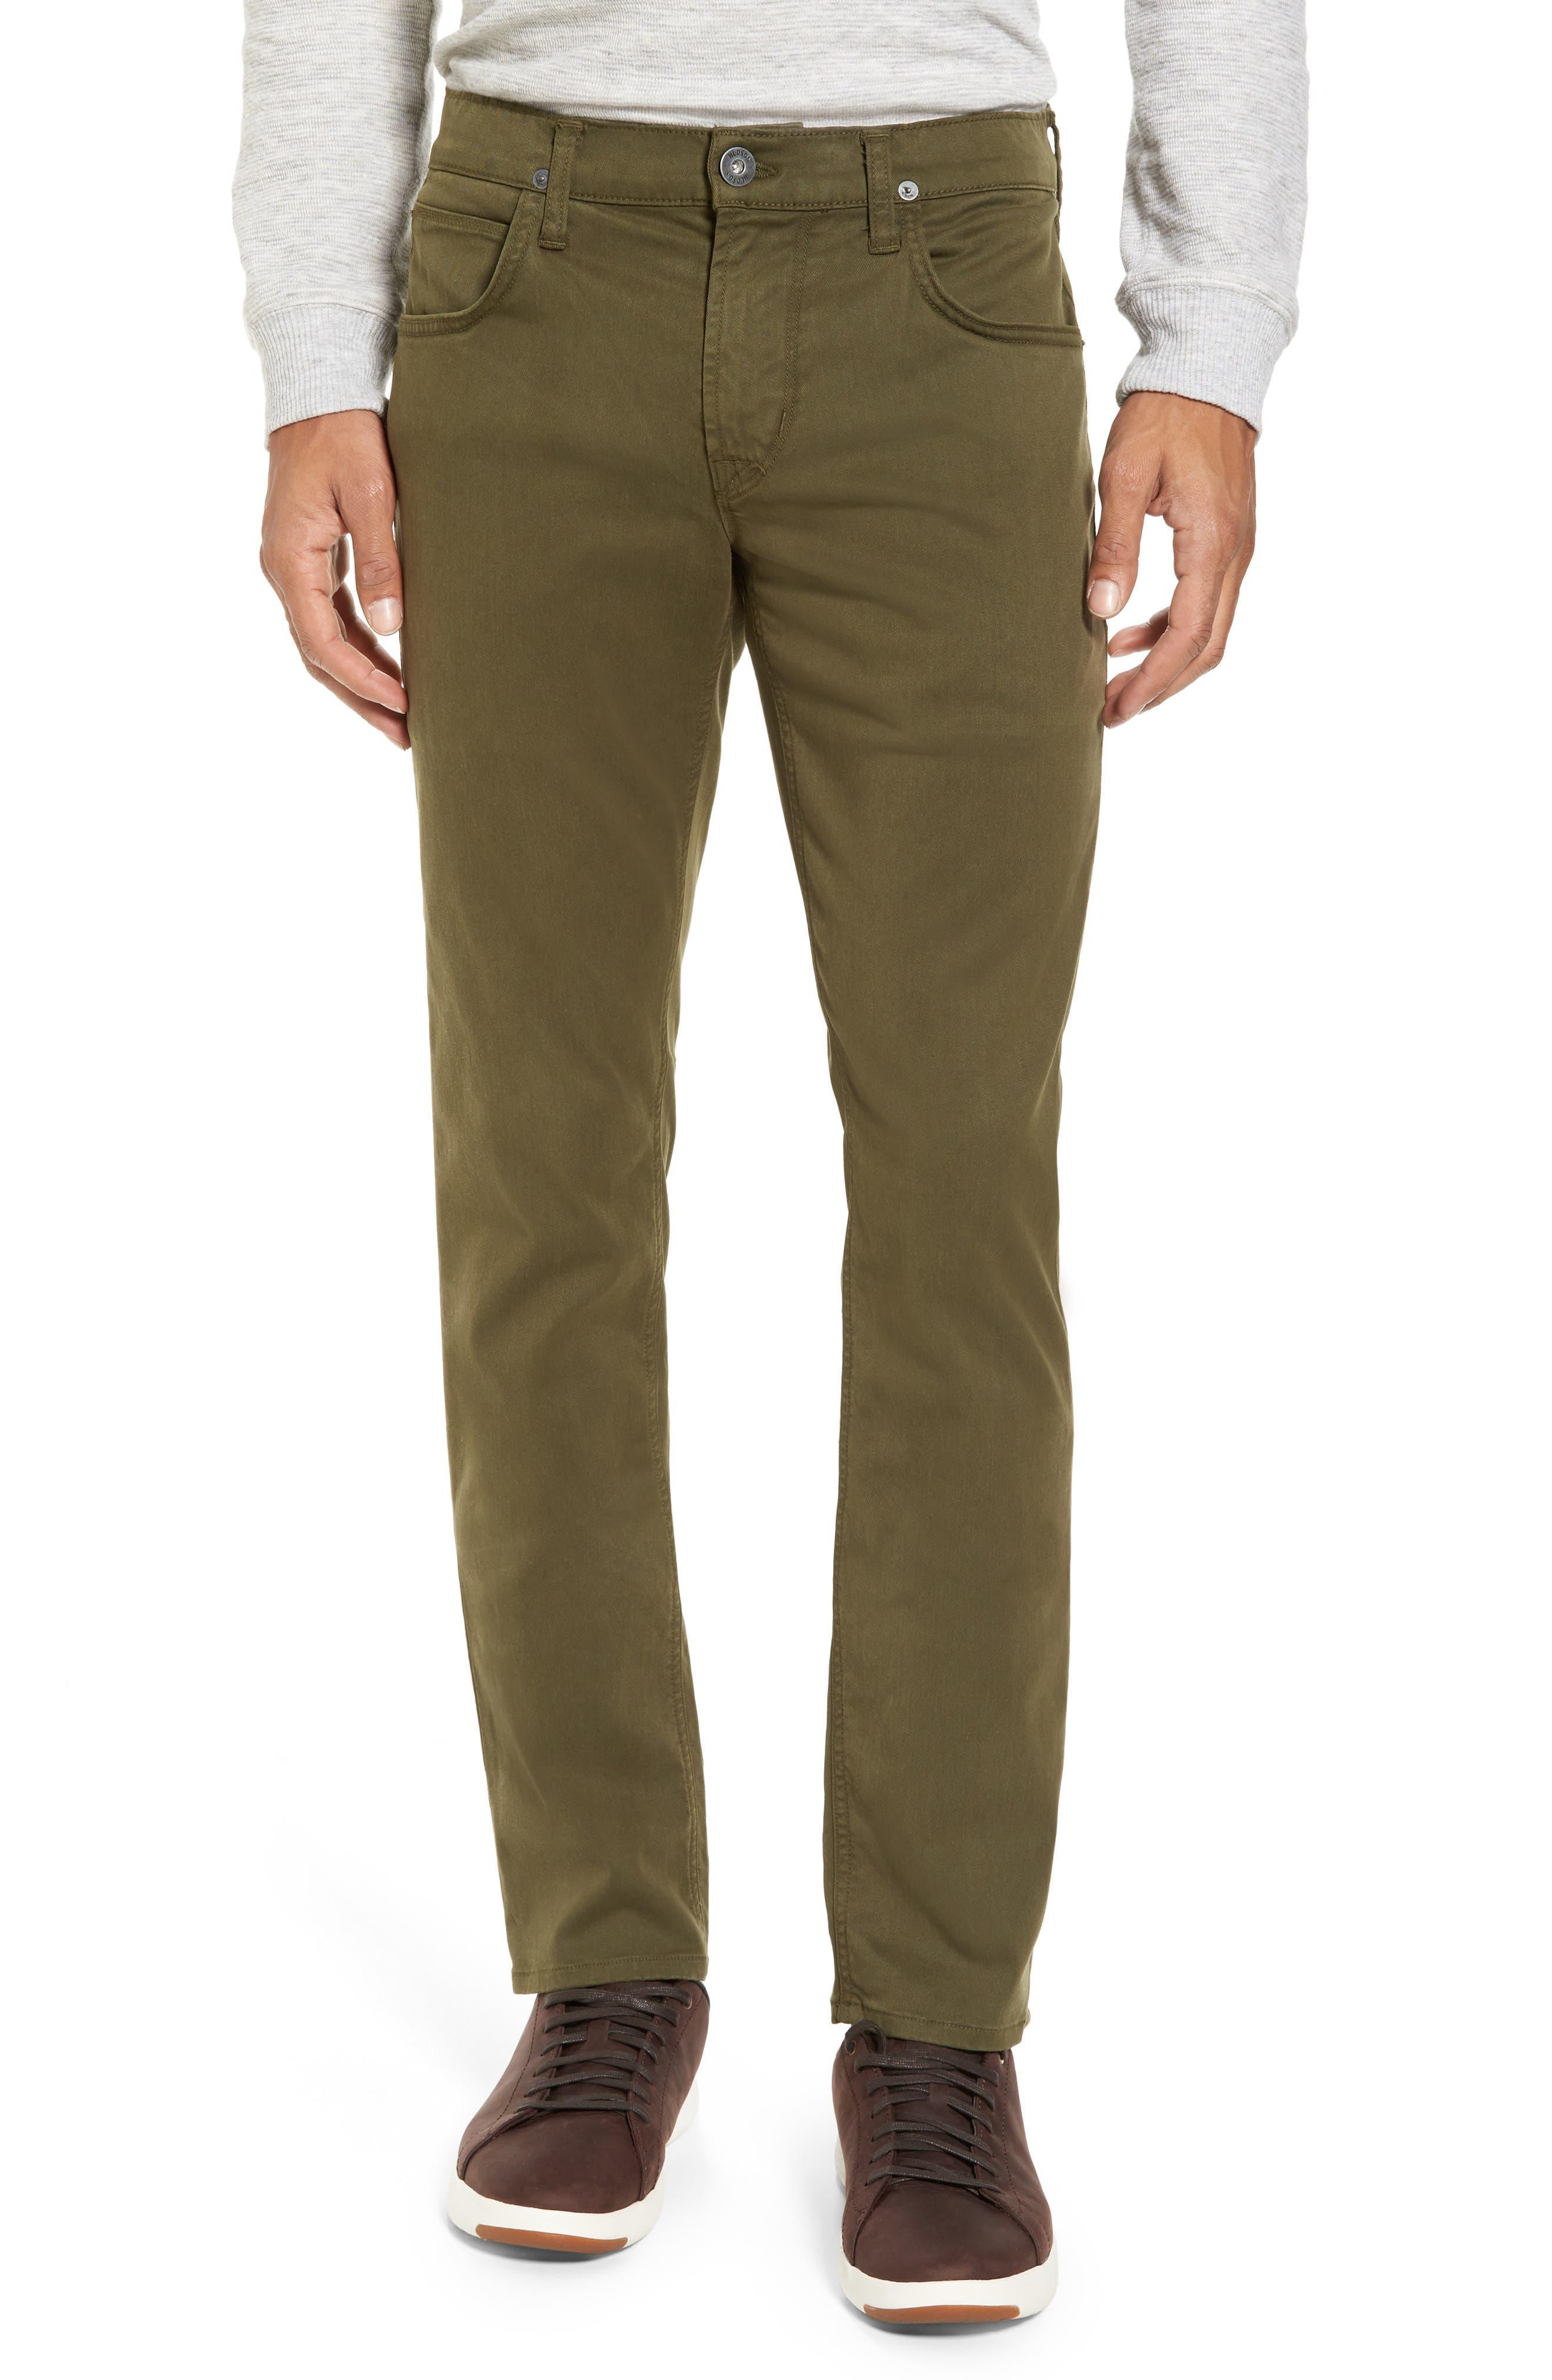 Hudson Jeans Blake Slim Fit Jeans (Turf)